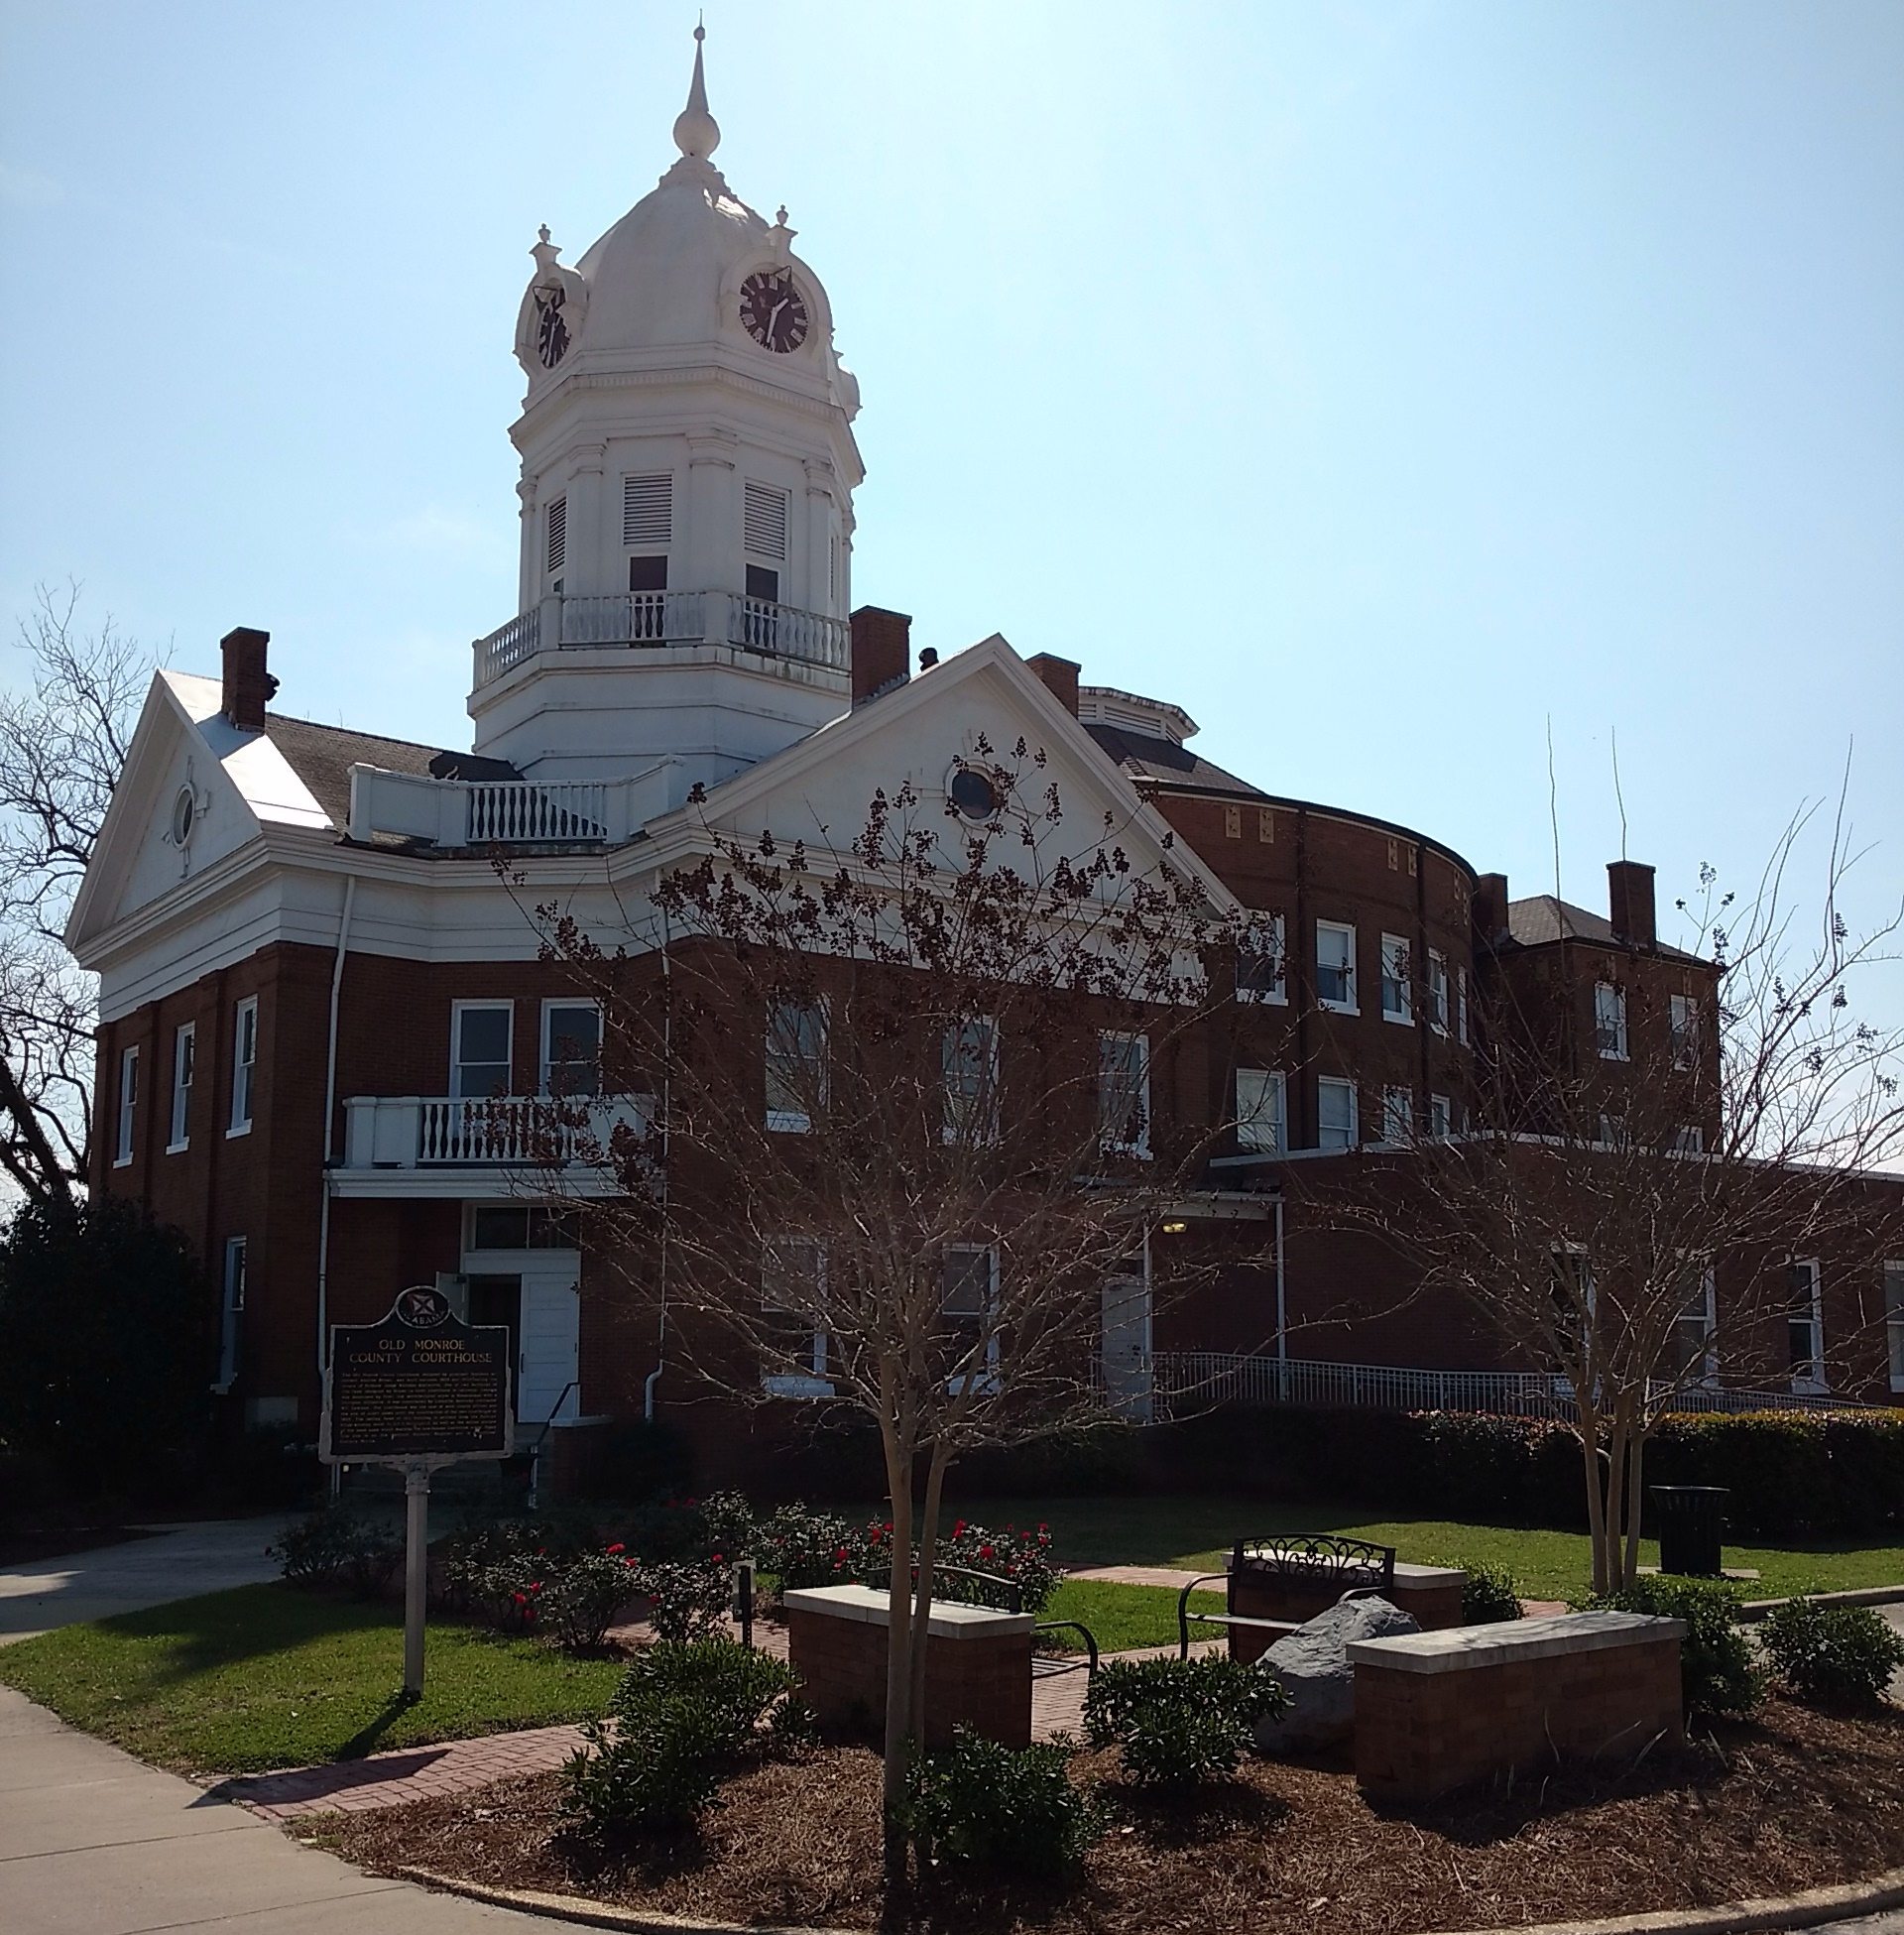 Monroeville-Courthouse-Van-Wersch-Writes